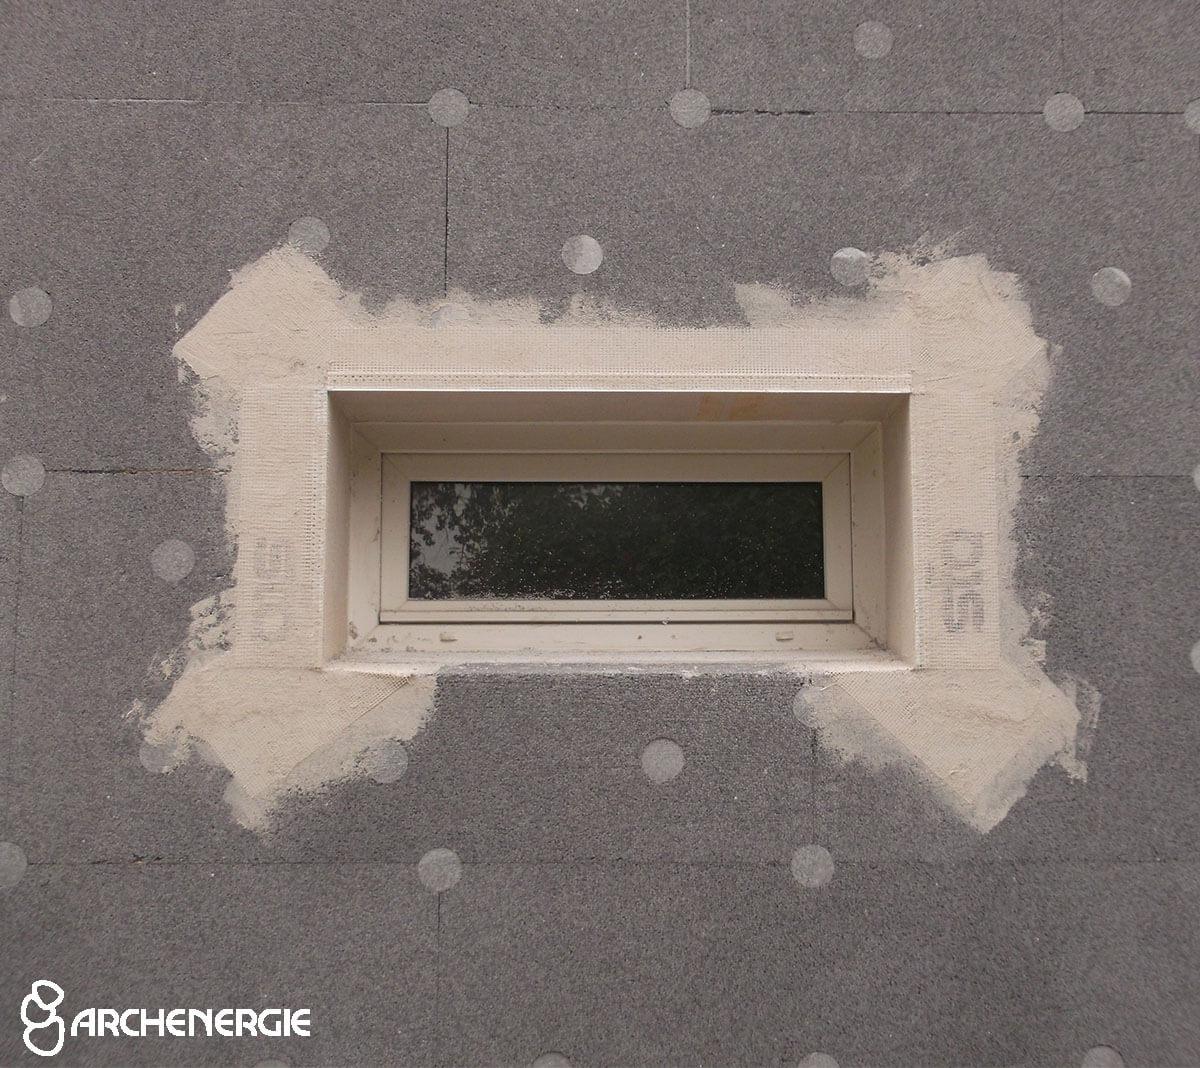 pose armature fibre de verre - renfort points faibles - mouchoirs - armature angles rebord fenêtre profil goutte d'eau